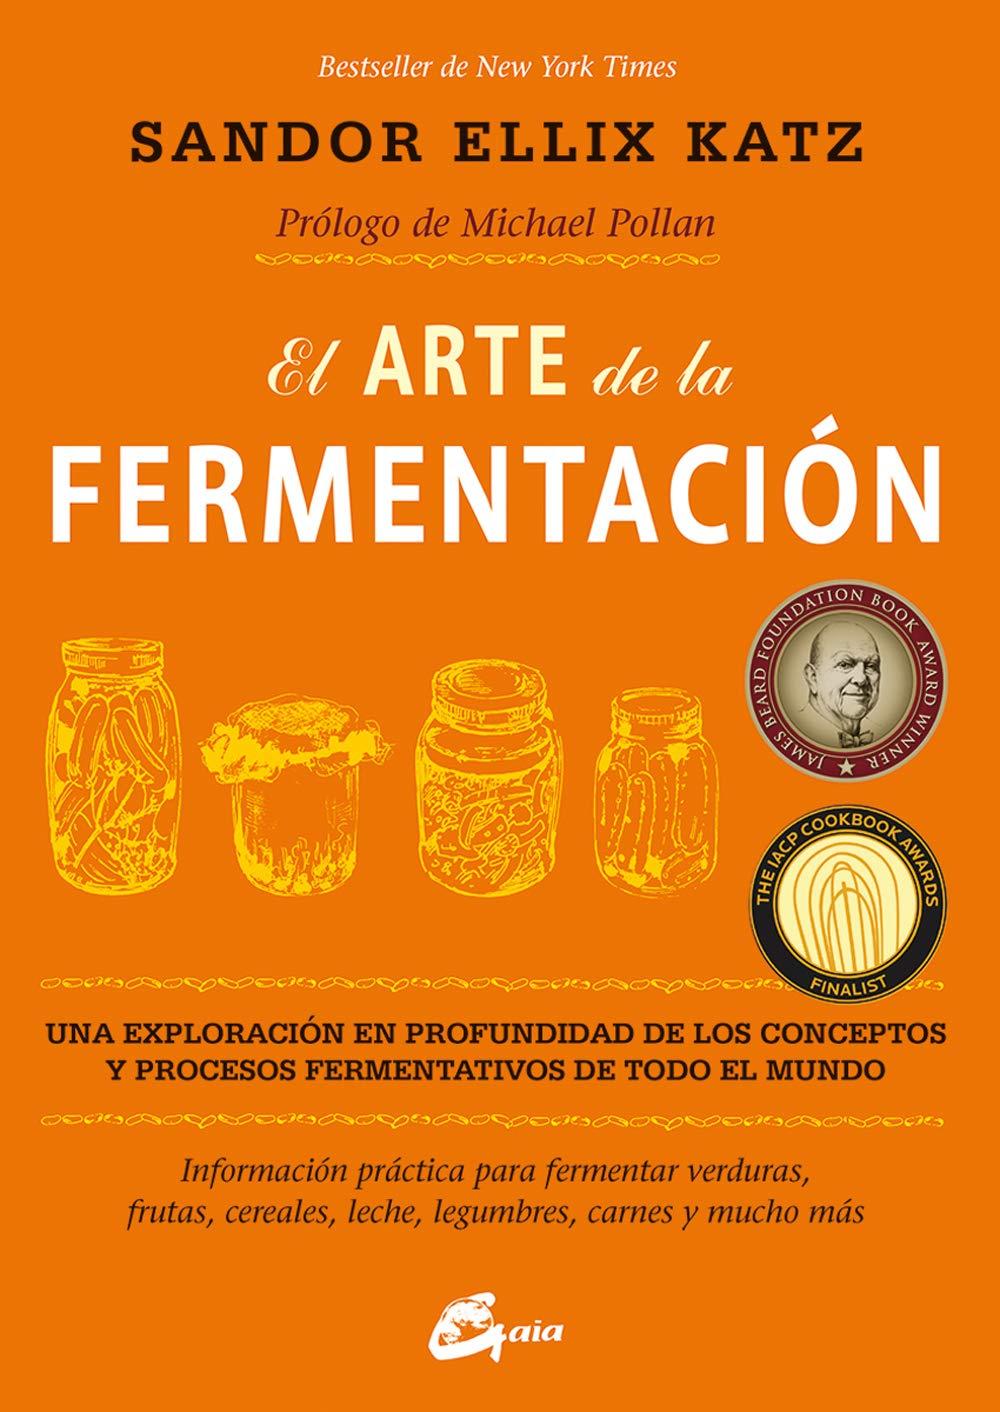 El Arte de la Fermentación. Una Exploración en Profundidad de los Conceptos y Procesos Fermentativos de Todo el Mundo (Salud Natural) - Sandor Ellix Katz - Gaia